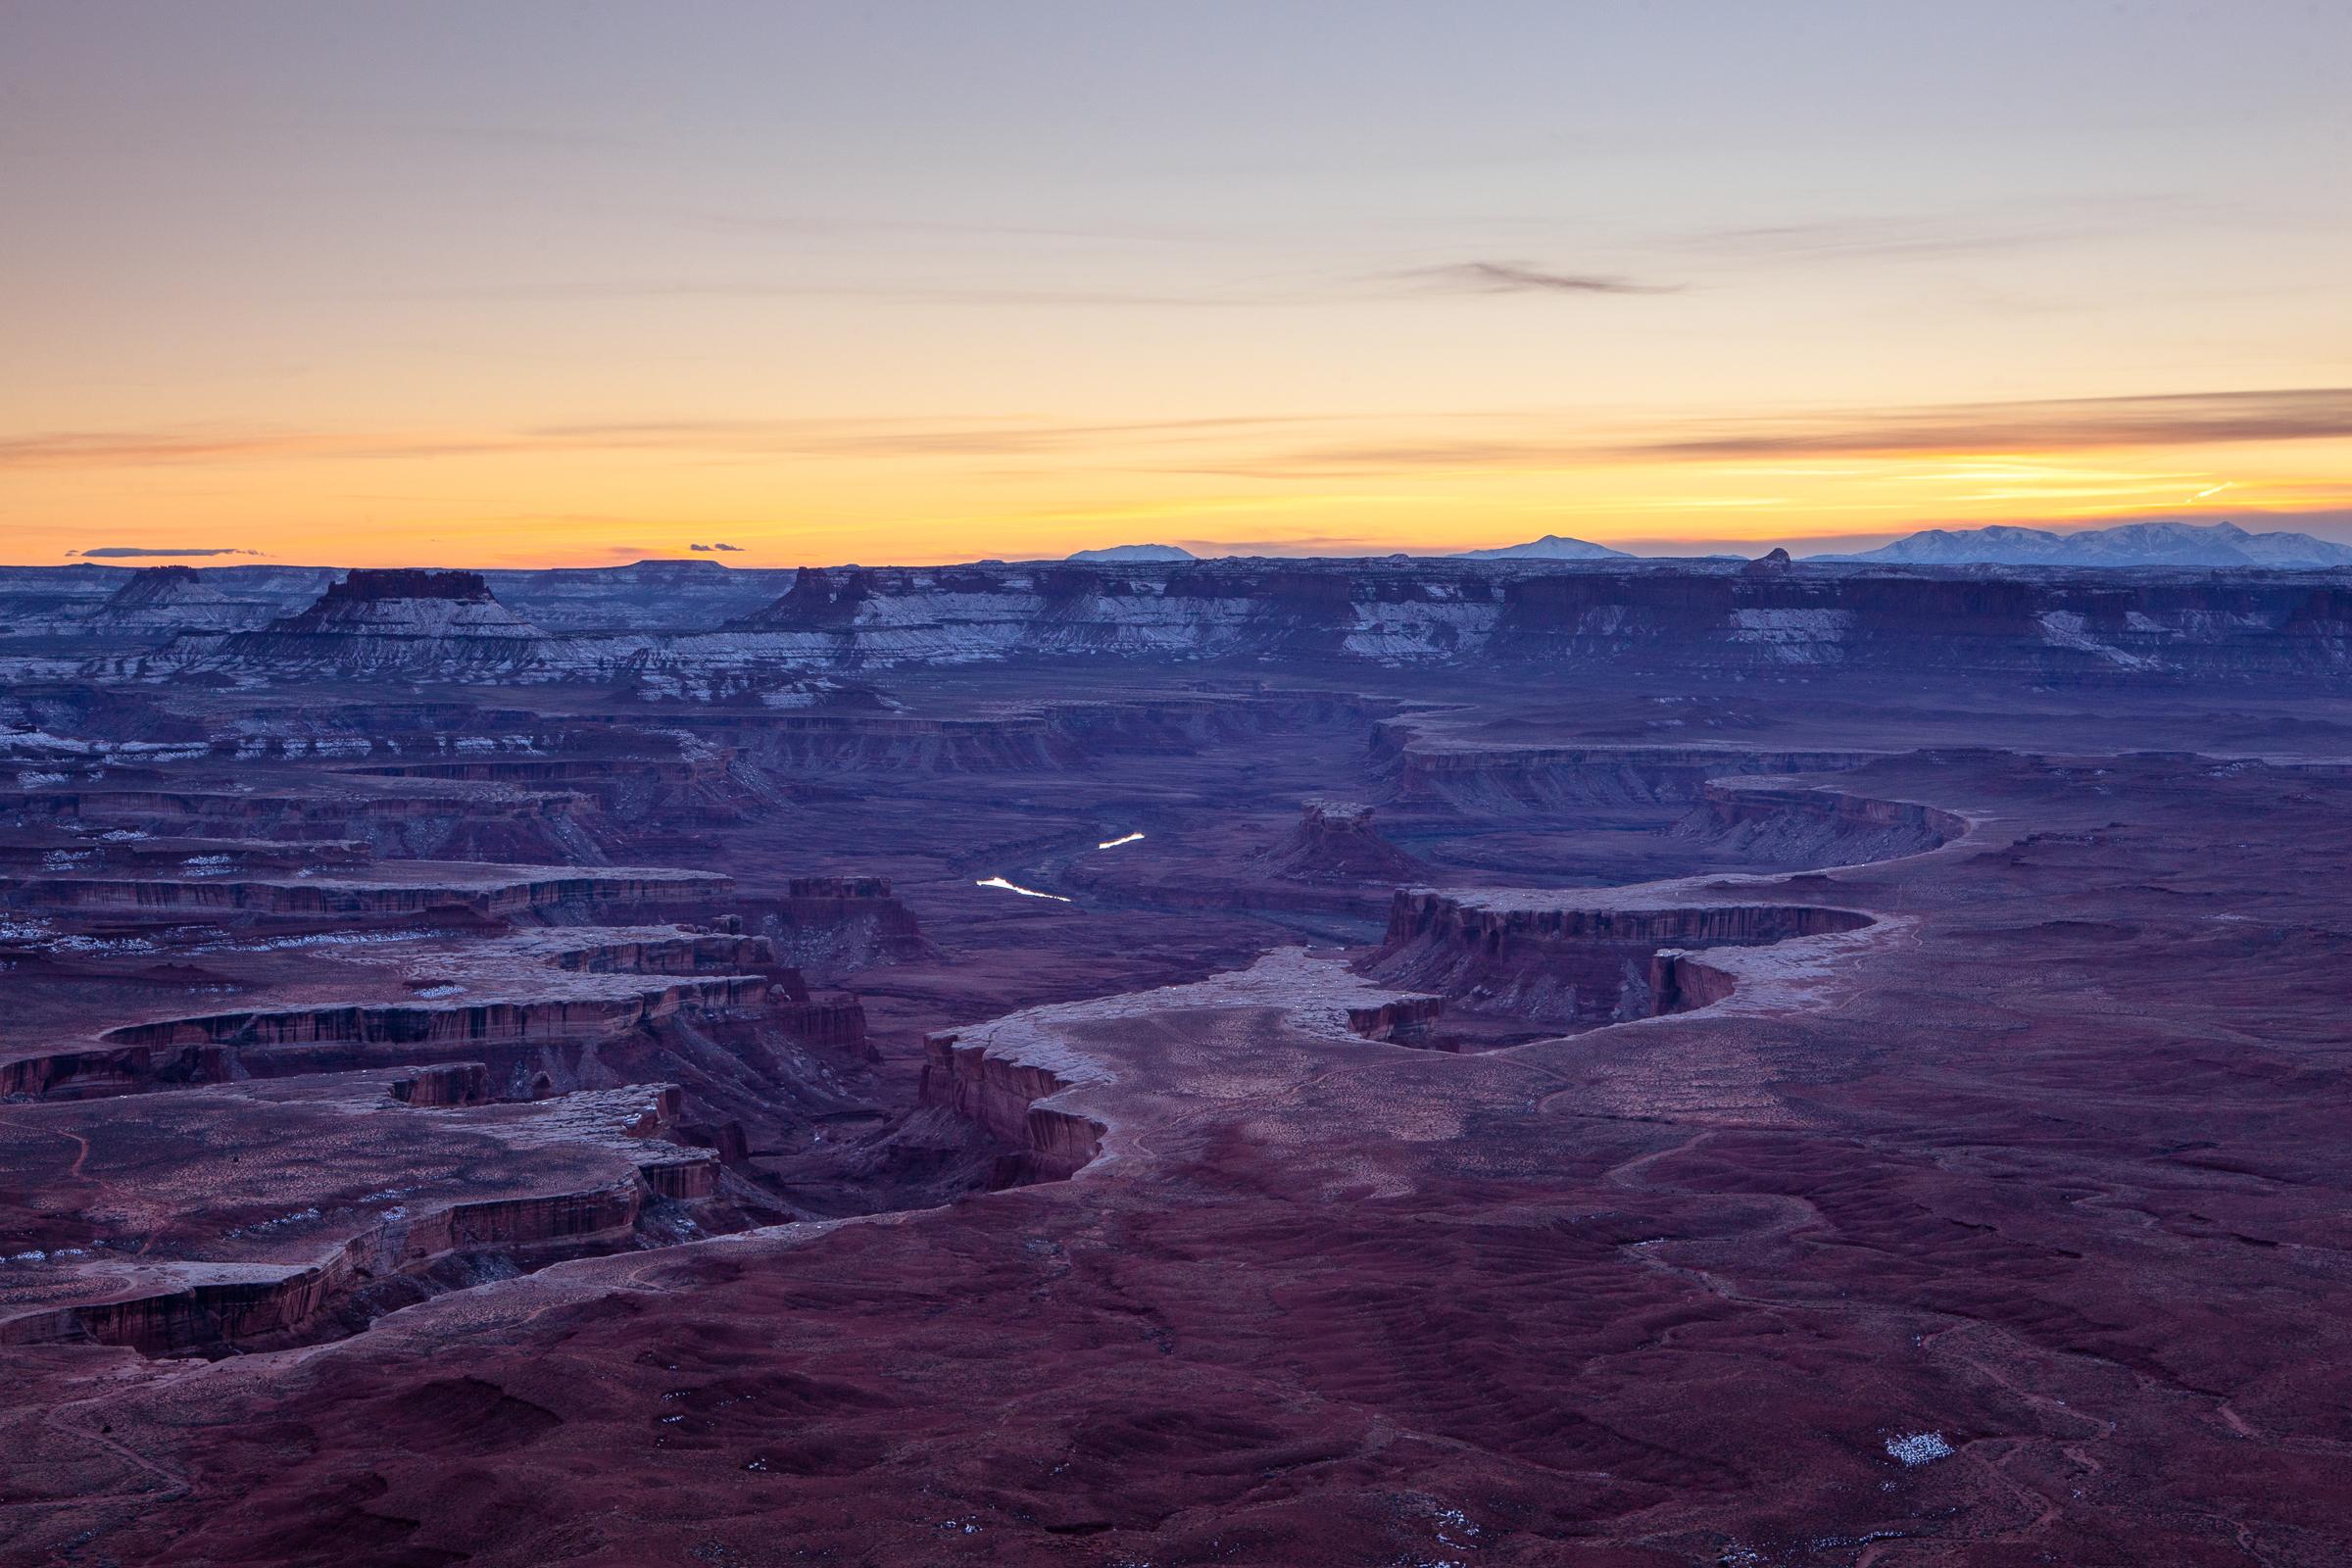 Canyonland Layers